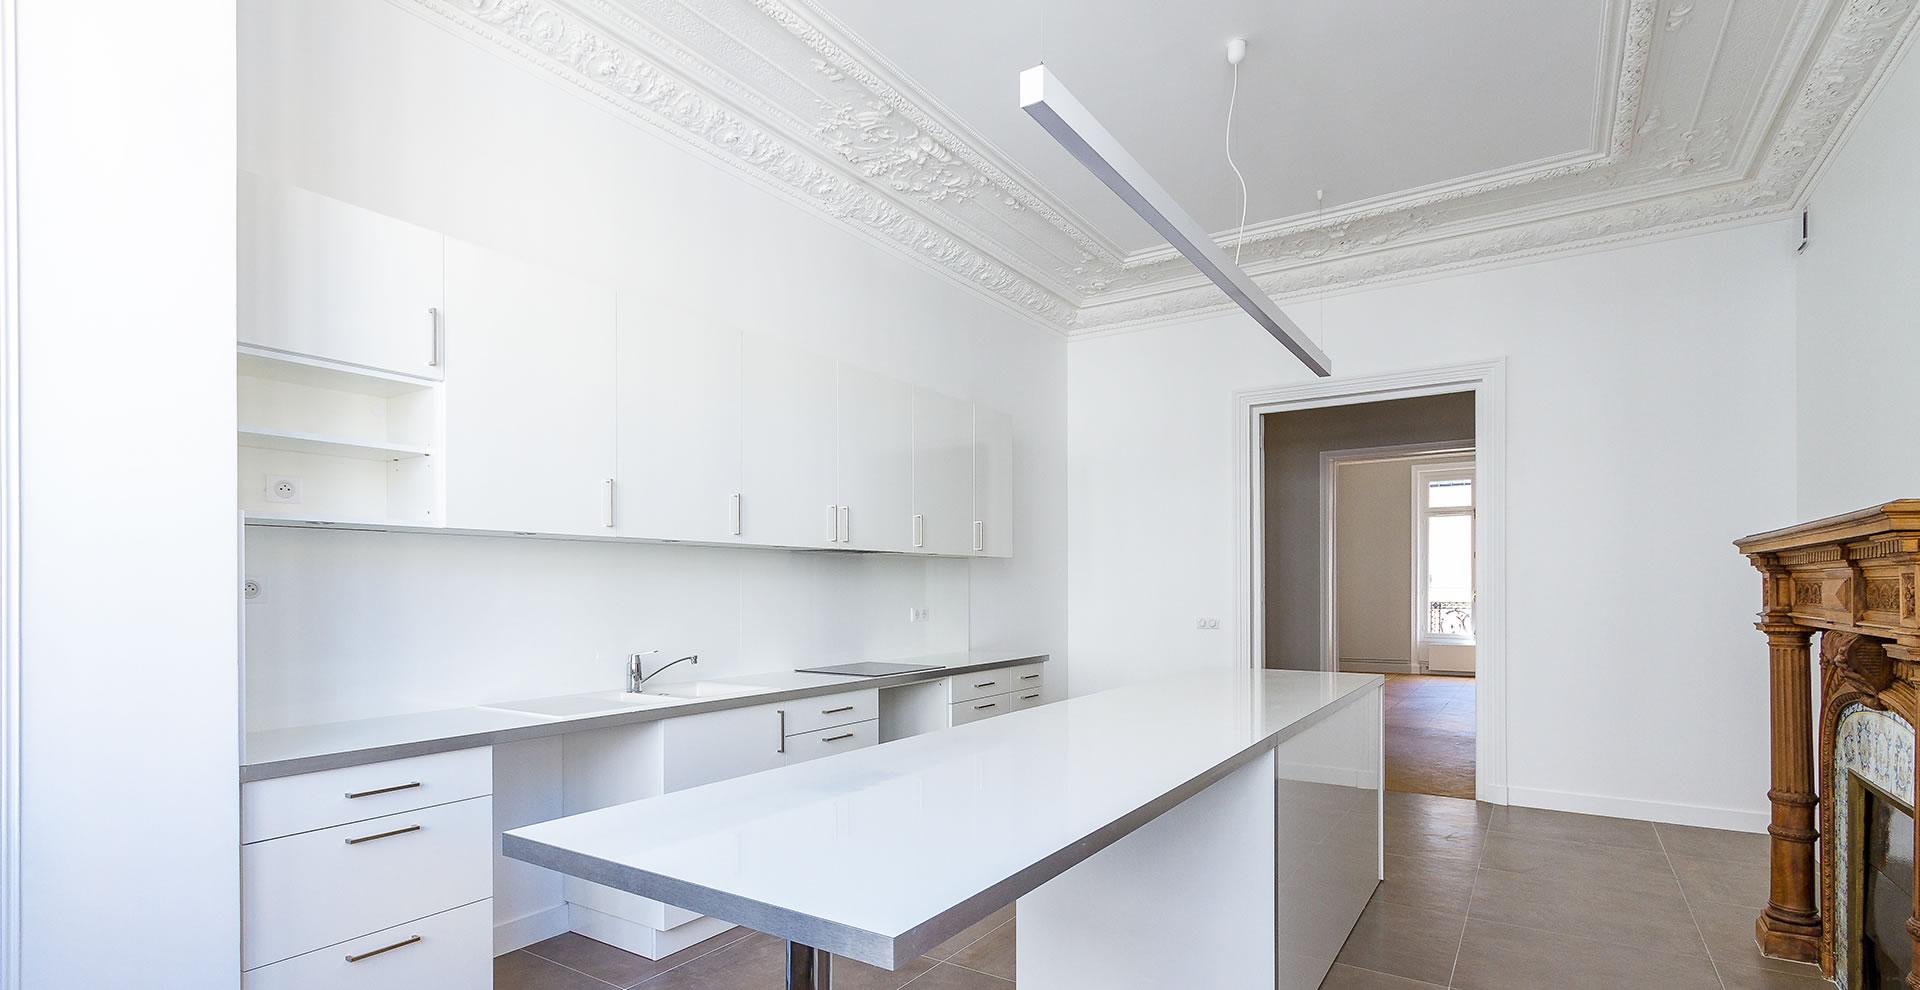 fabricant fran ais d 39 clairage professionnel et luminaires radian. Black Bedroom Furniture Sets. Home Design Ideas